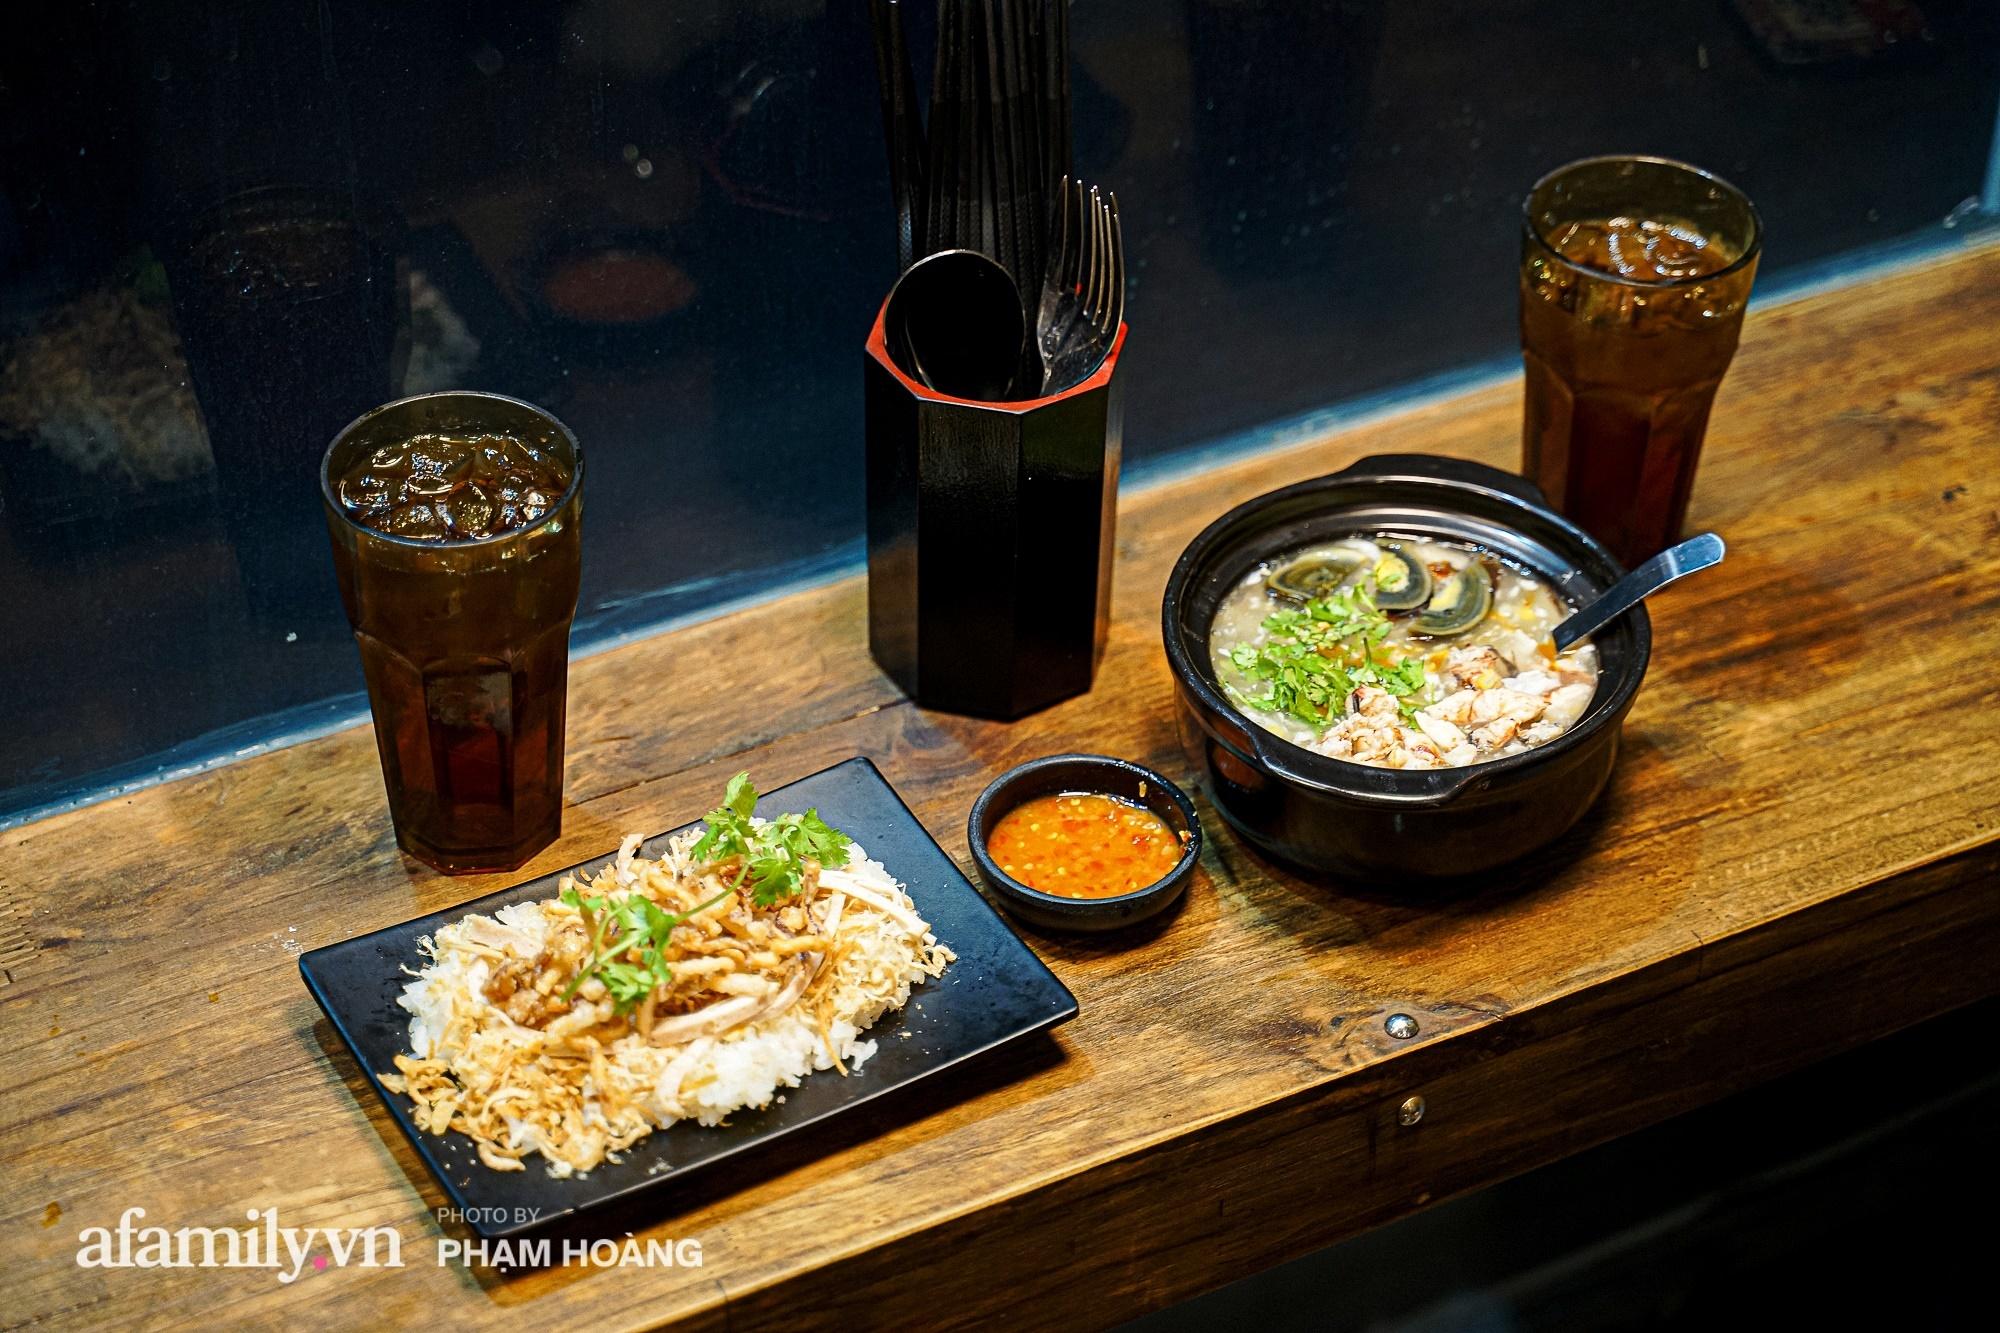 Bỏ túi những địa chỉ bán súp cua ngon ở Hà Nội cho bữa quà chiều mùa đông thêm ấm bụng - Ảnh 7.